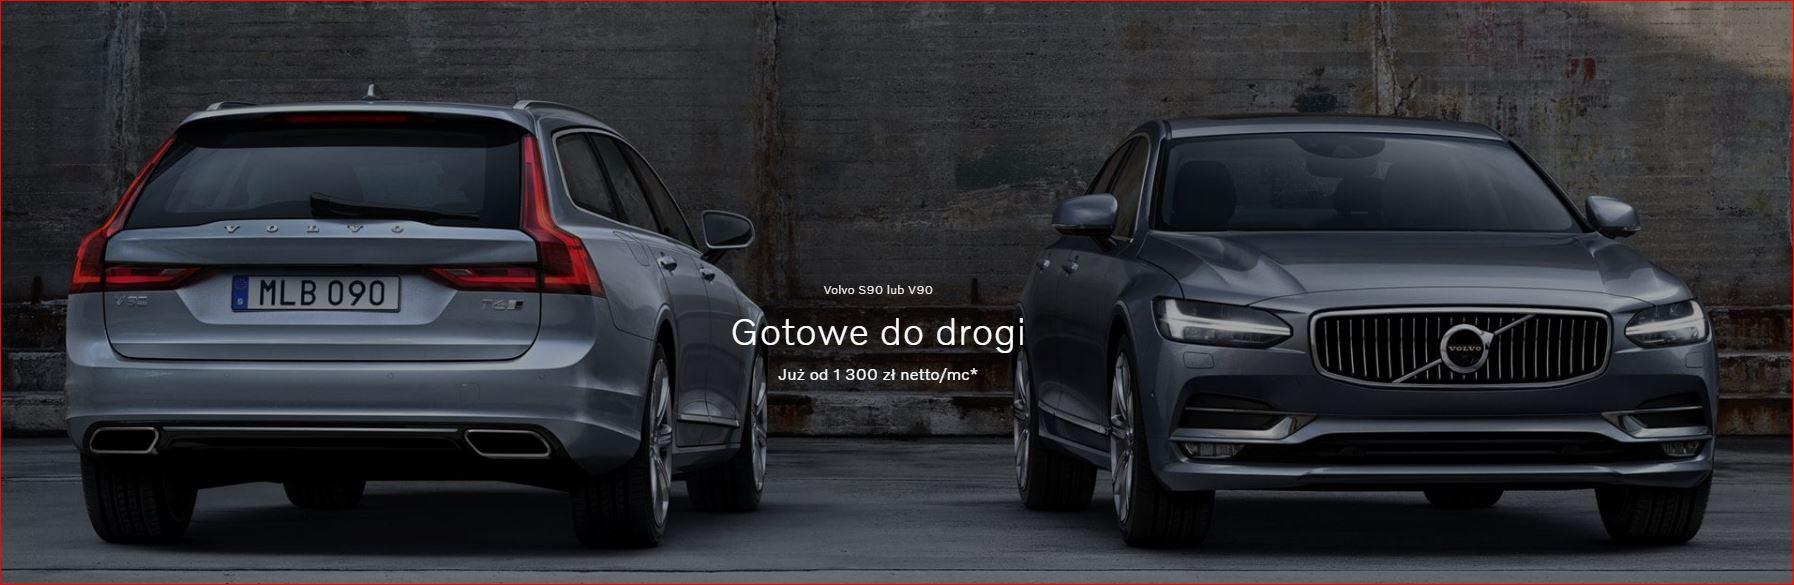 Volvo S90 lub V90 w leasingu 100 lub 101% 2